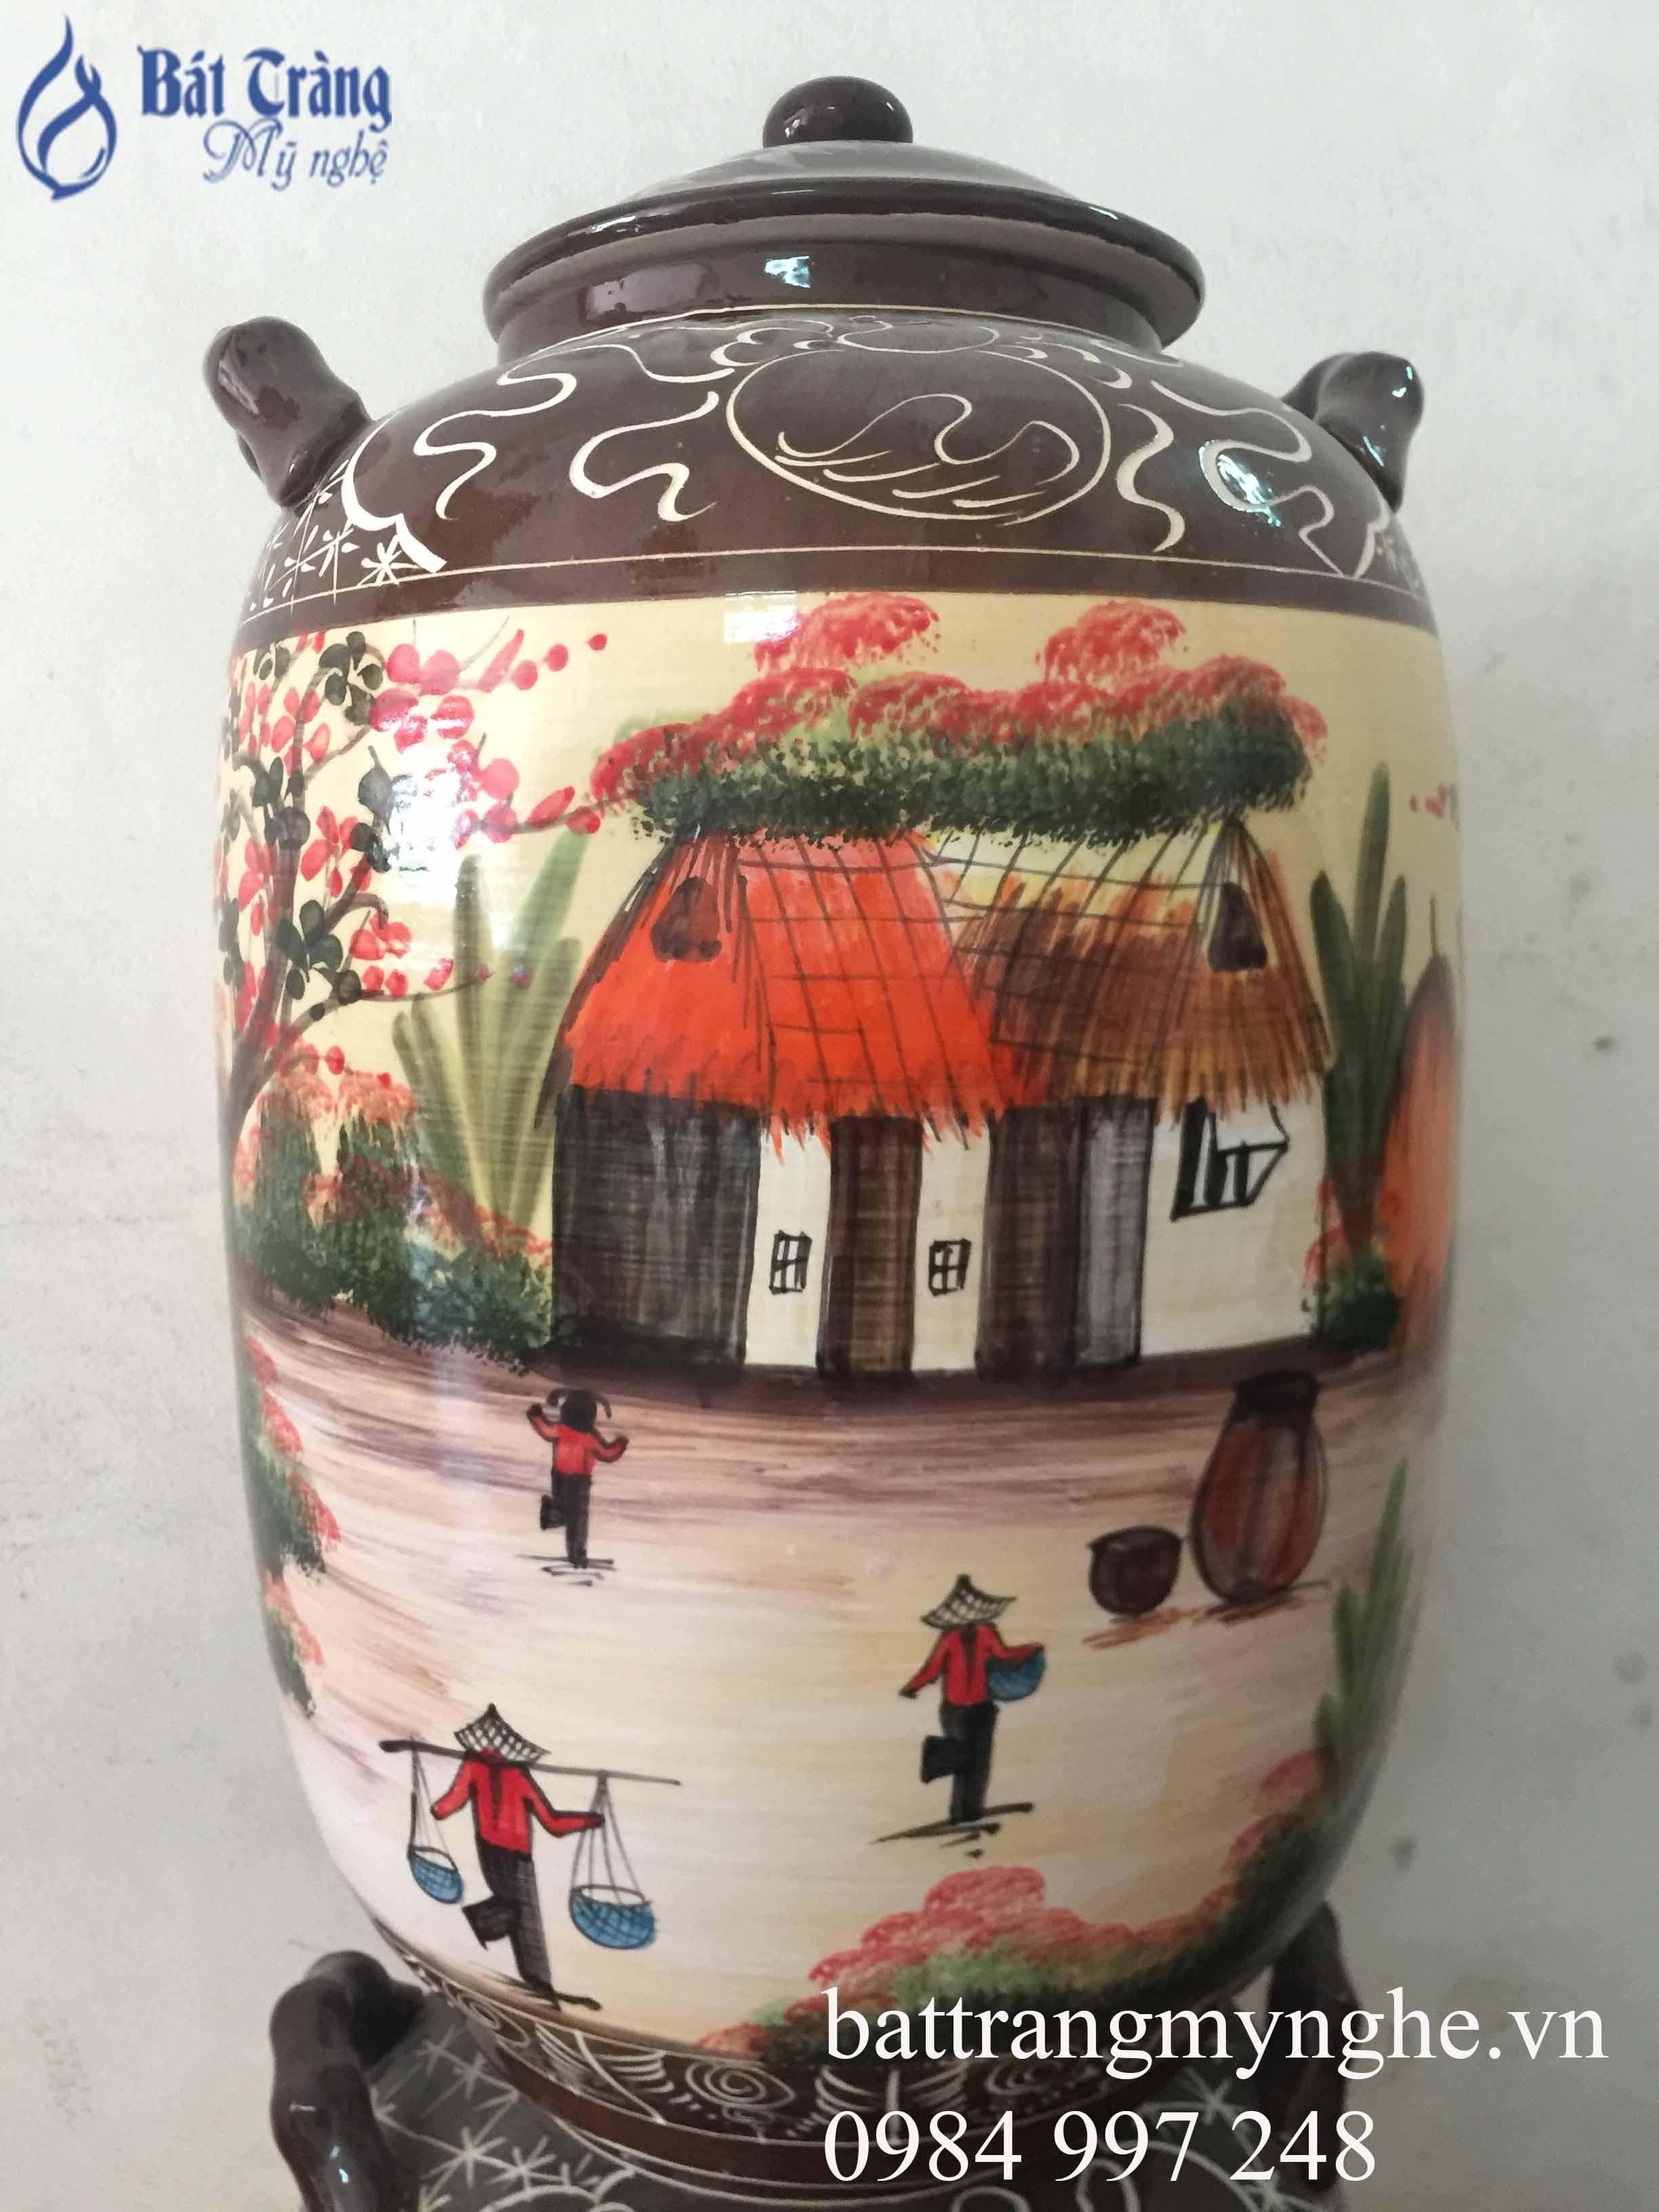 Bình ngâm rượu vẽ cảnh làng quê 30l